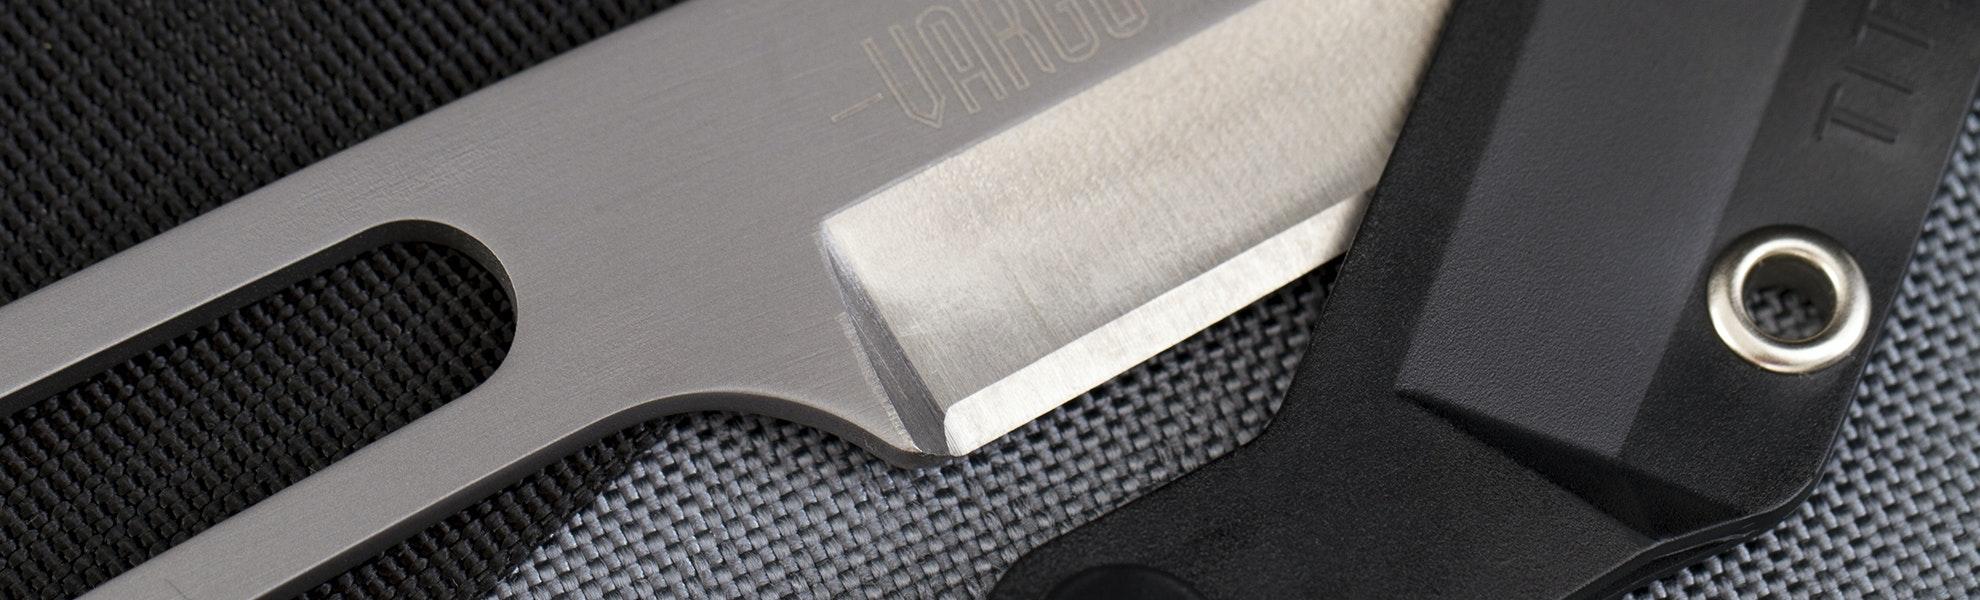 Vargo Titanium Knives